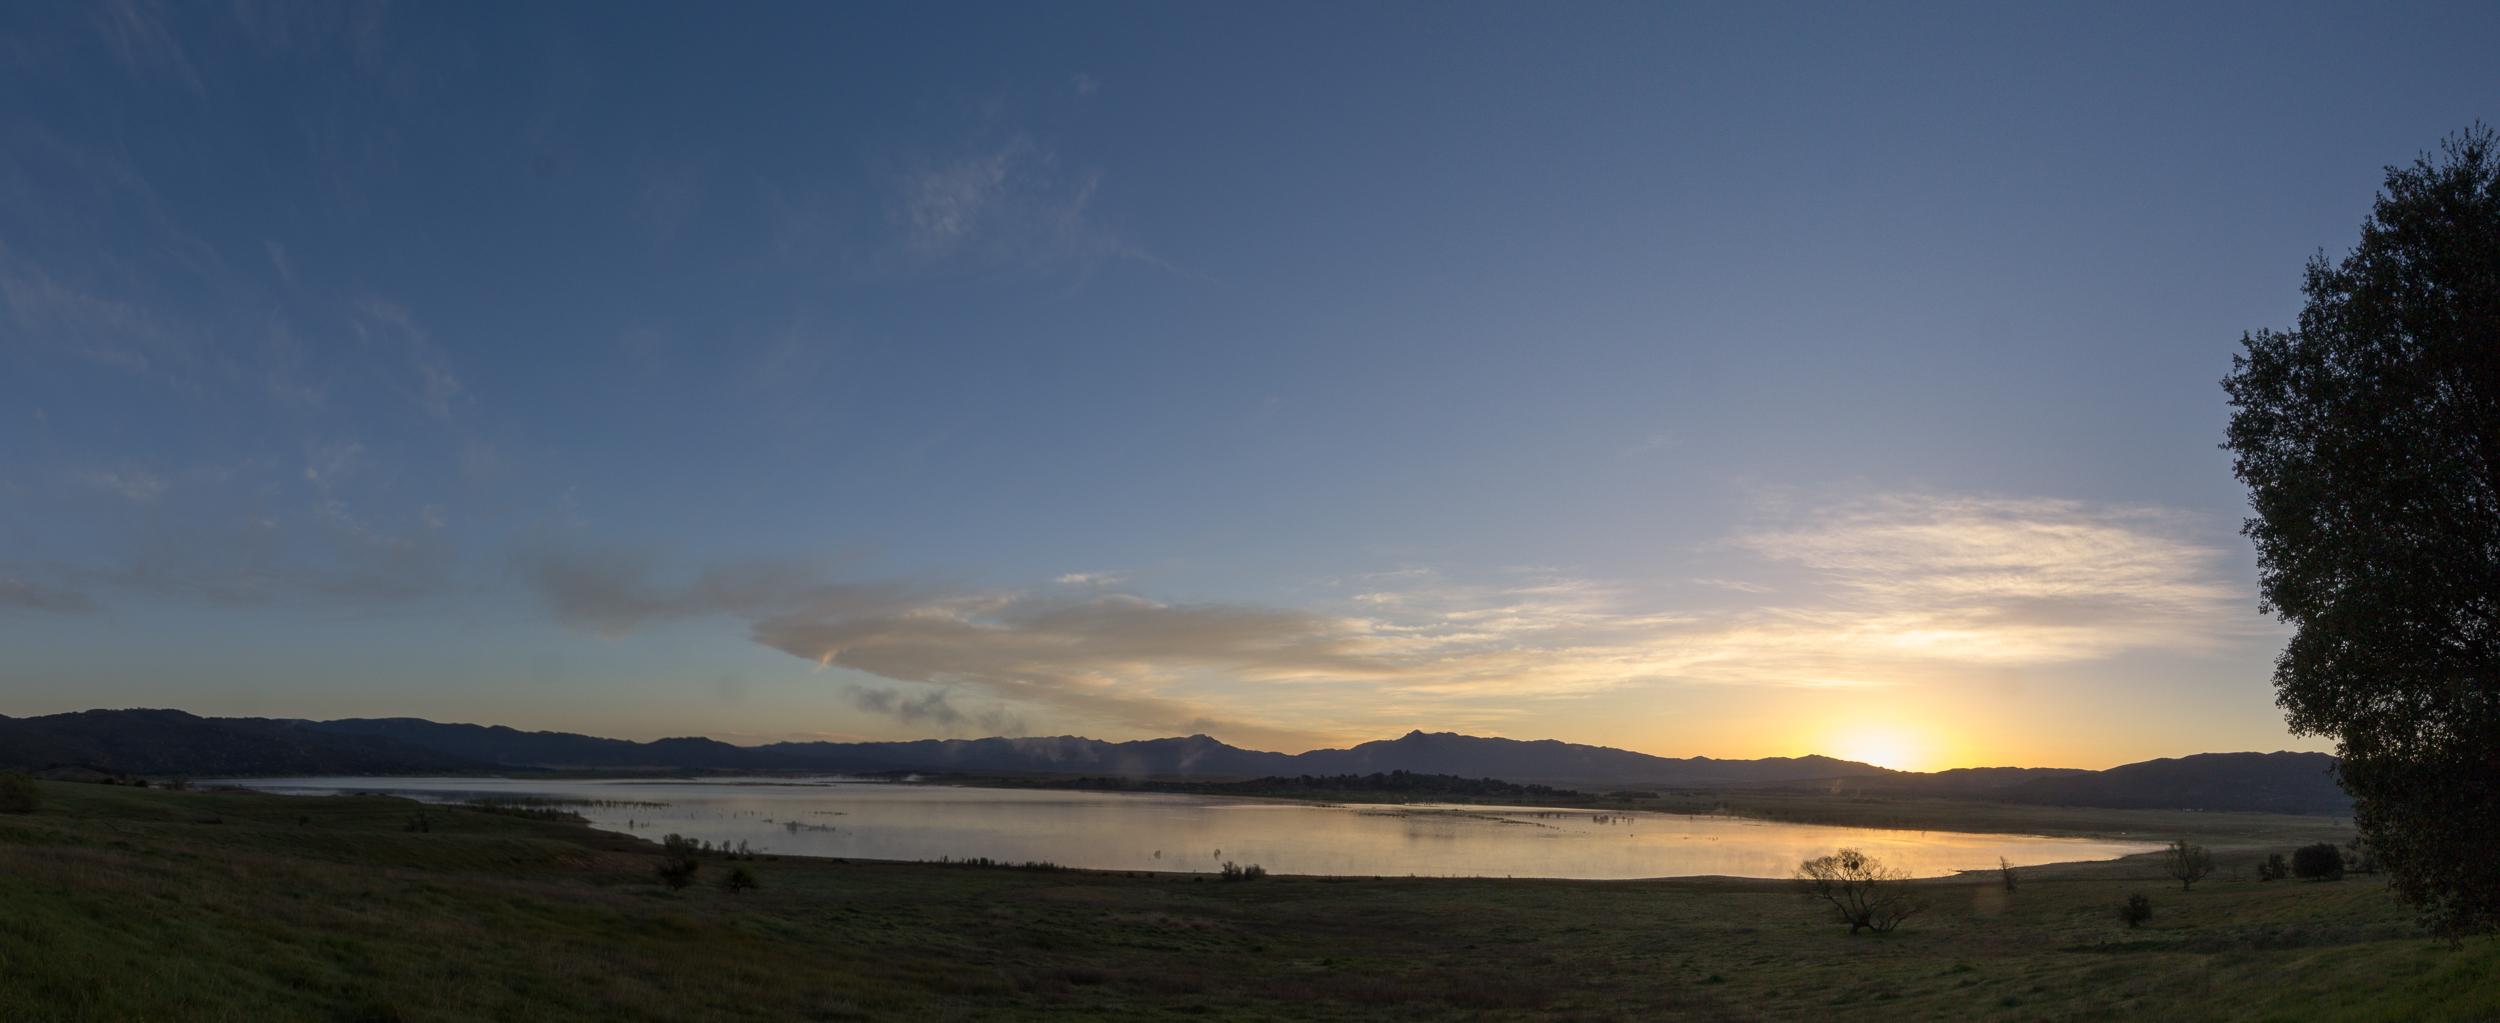 lake henshaw panorama